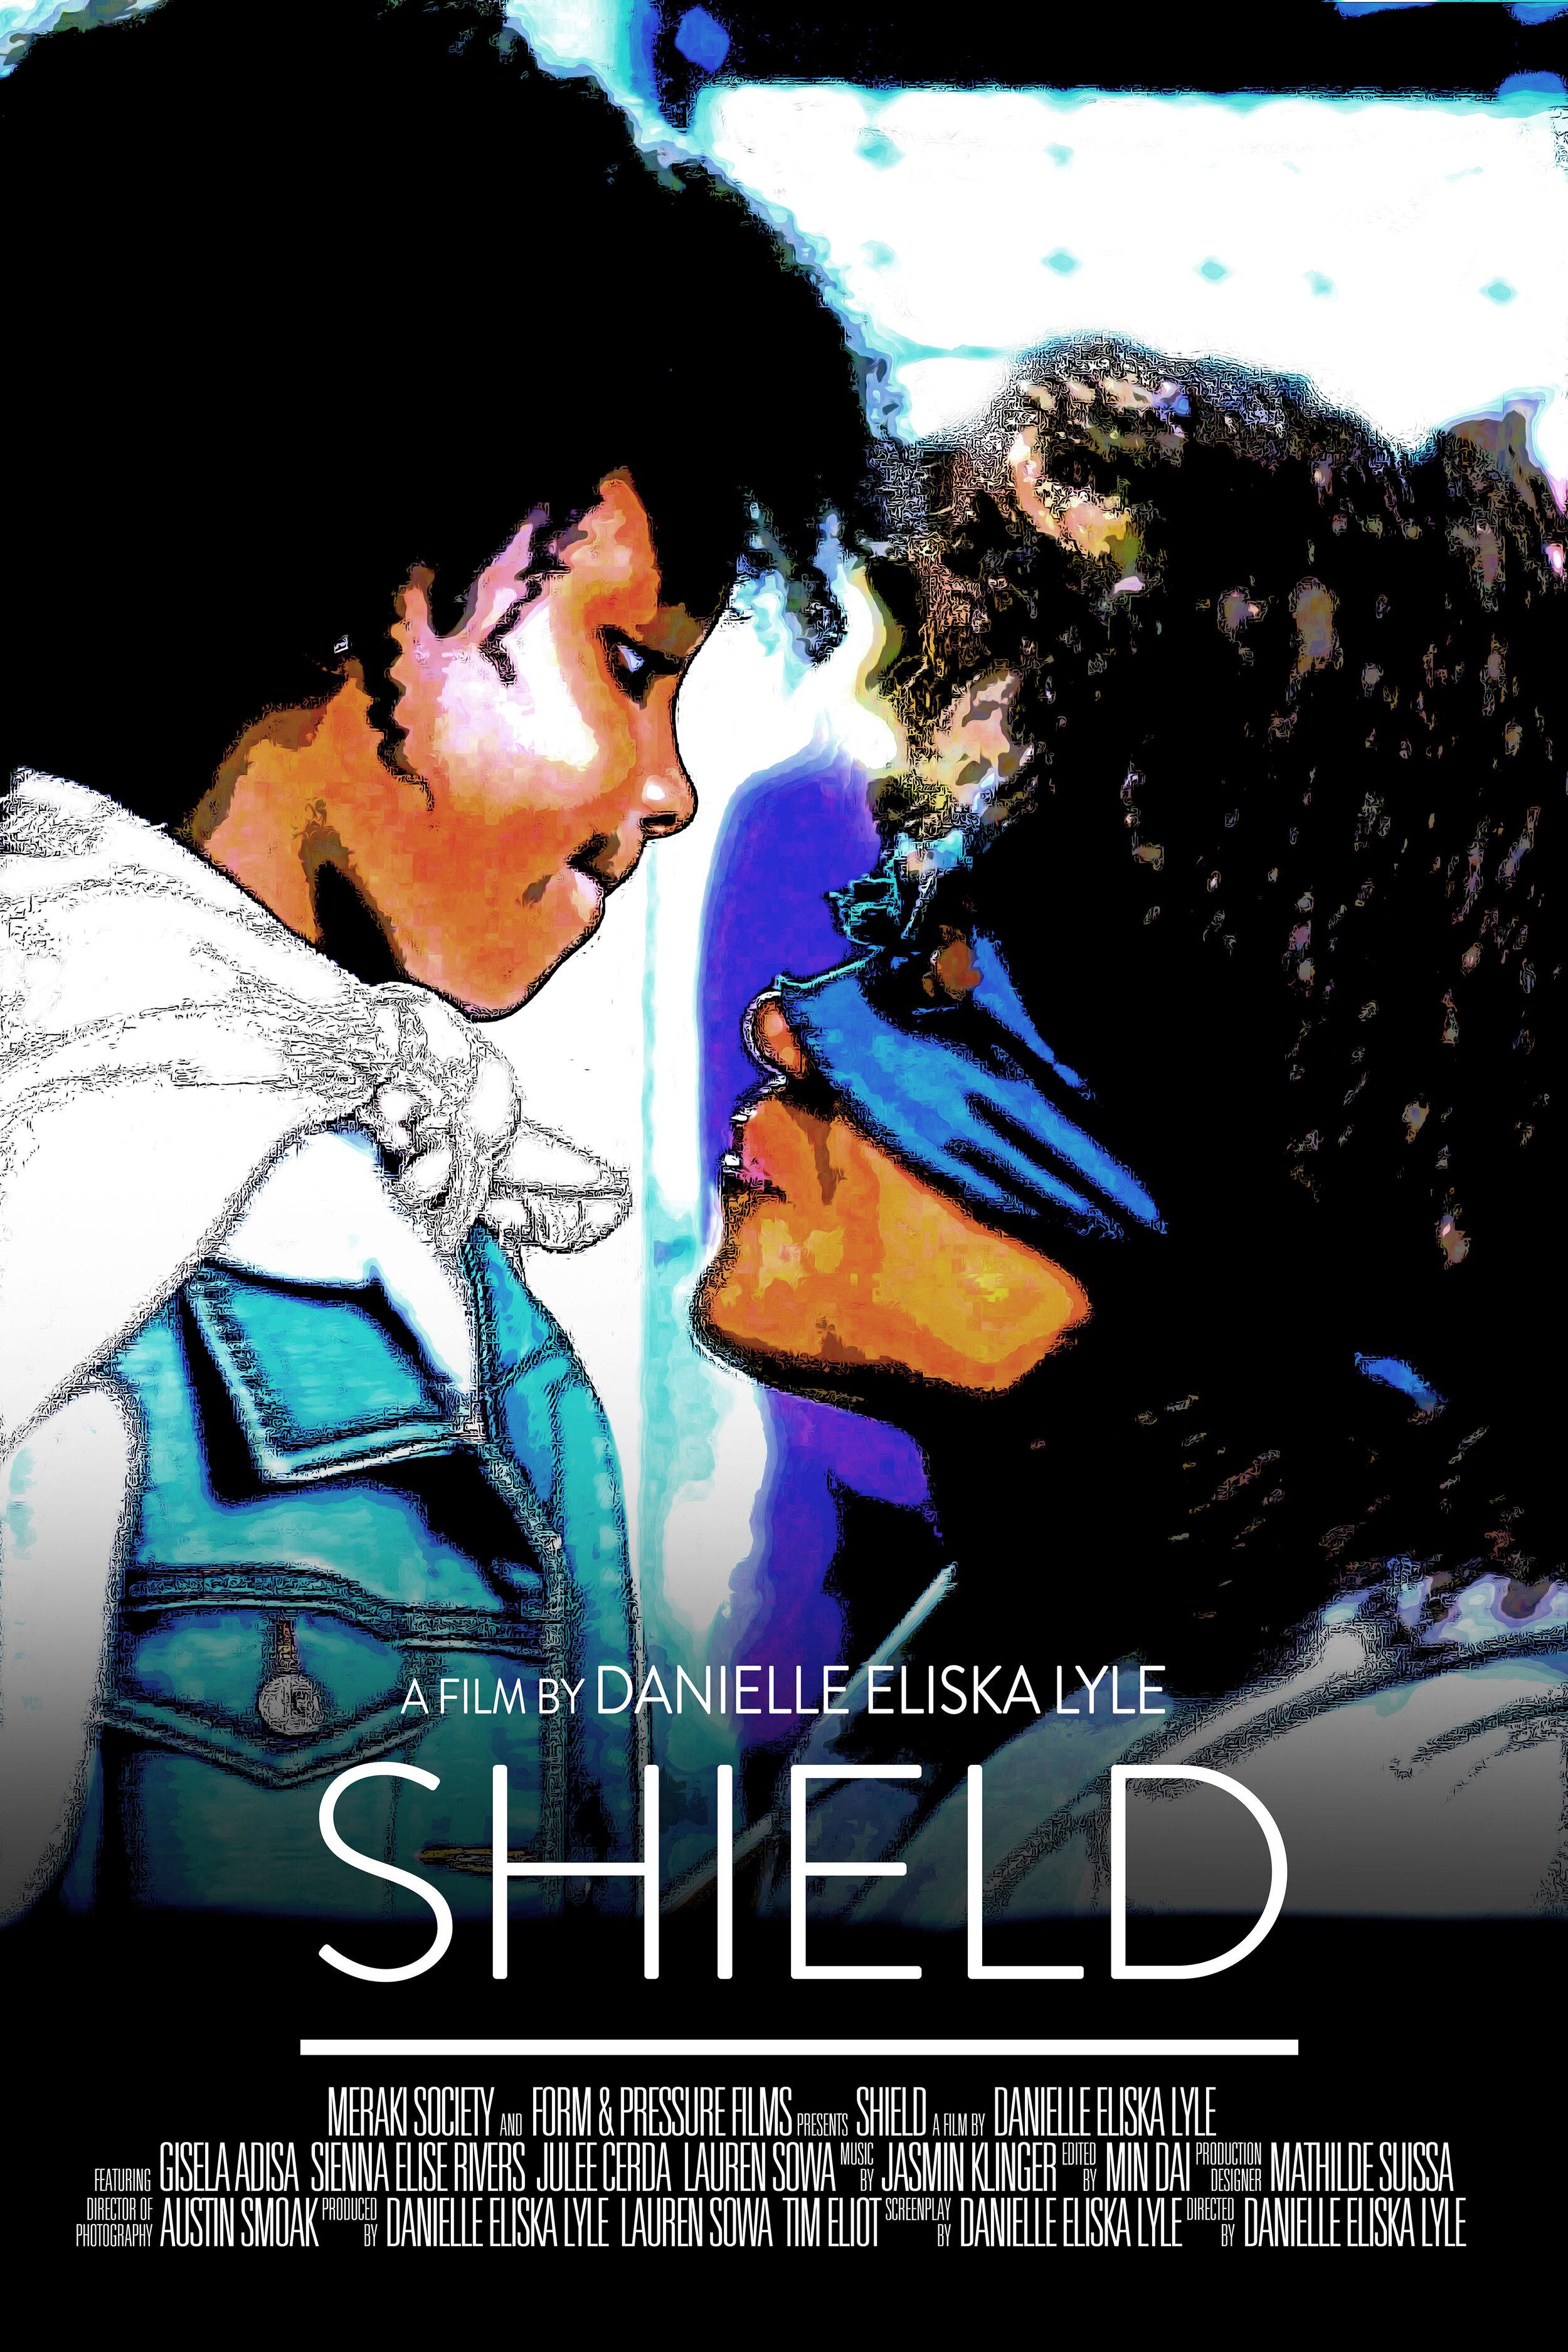 Shield - written & directed by Danielle Eliska Lyleproduced by Meraki Society & Form & Pressure Films17 mins.